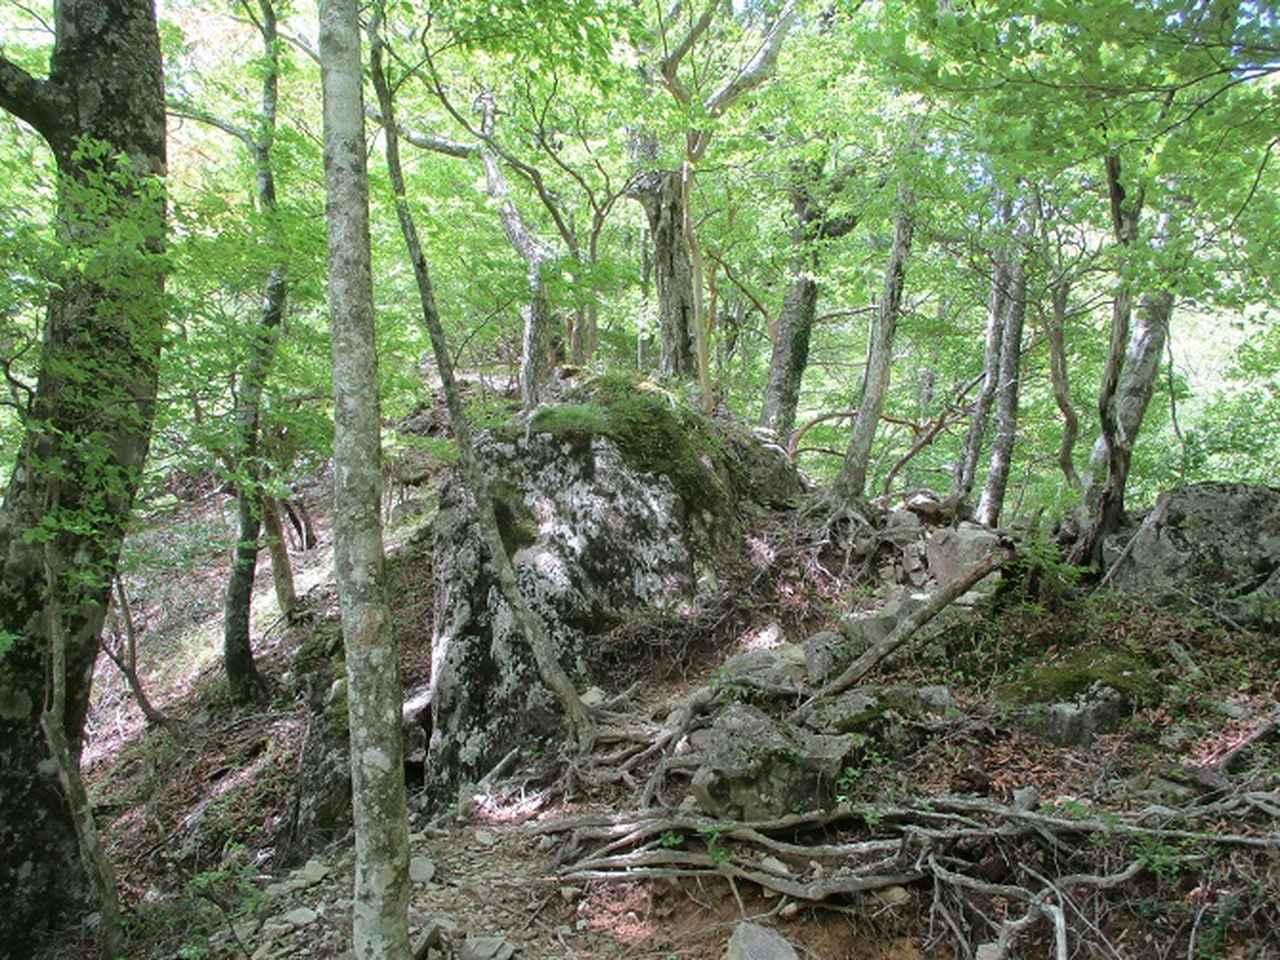 画像2: 来年の宿泊ツアーの企画素材を探して奈良県の大峰山に行ってきました!